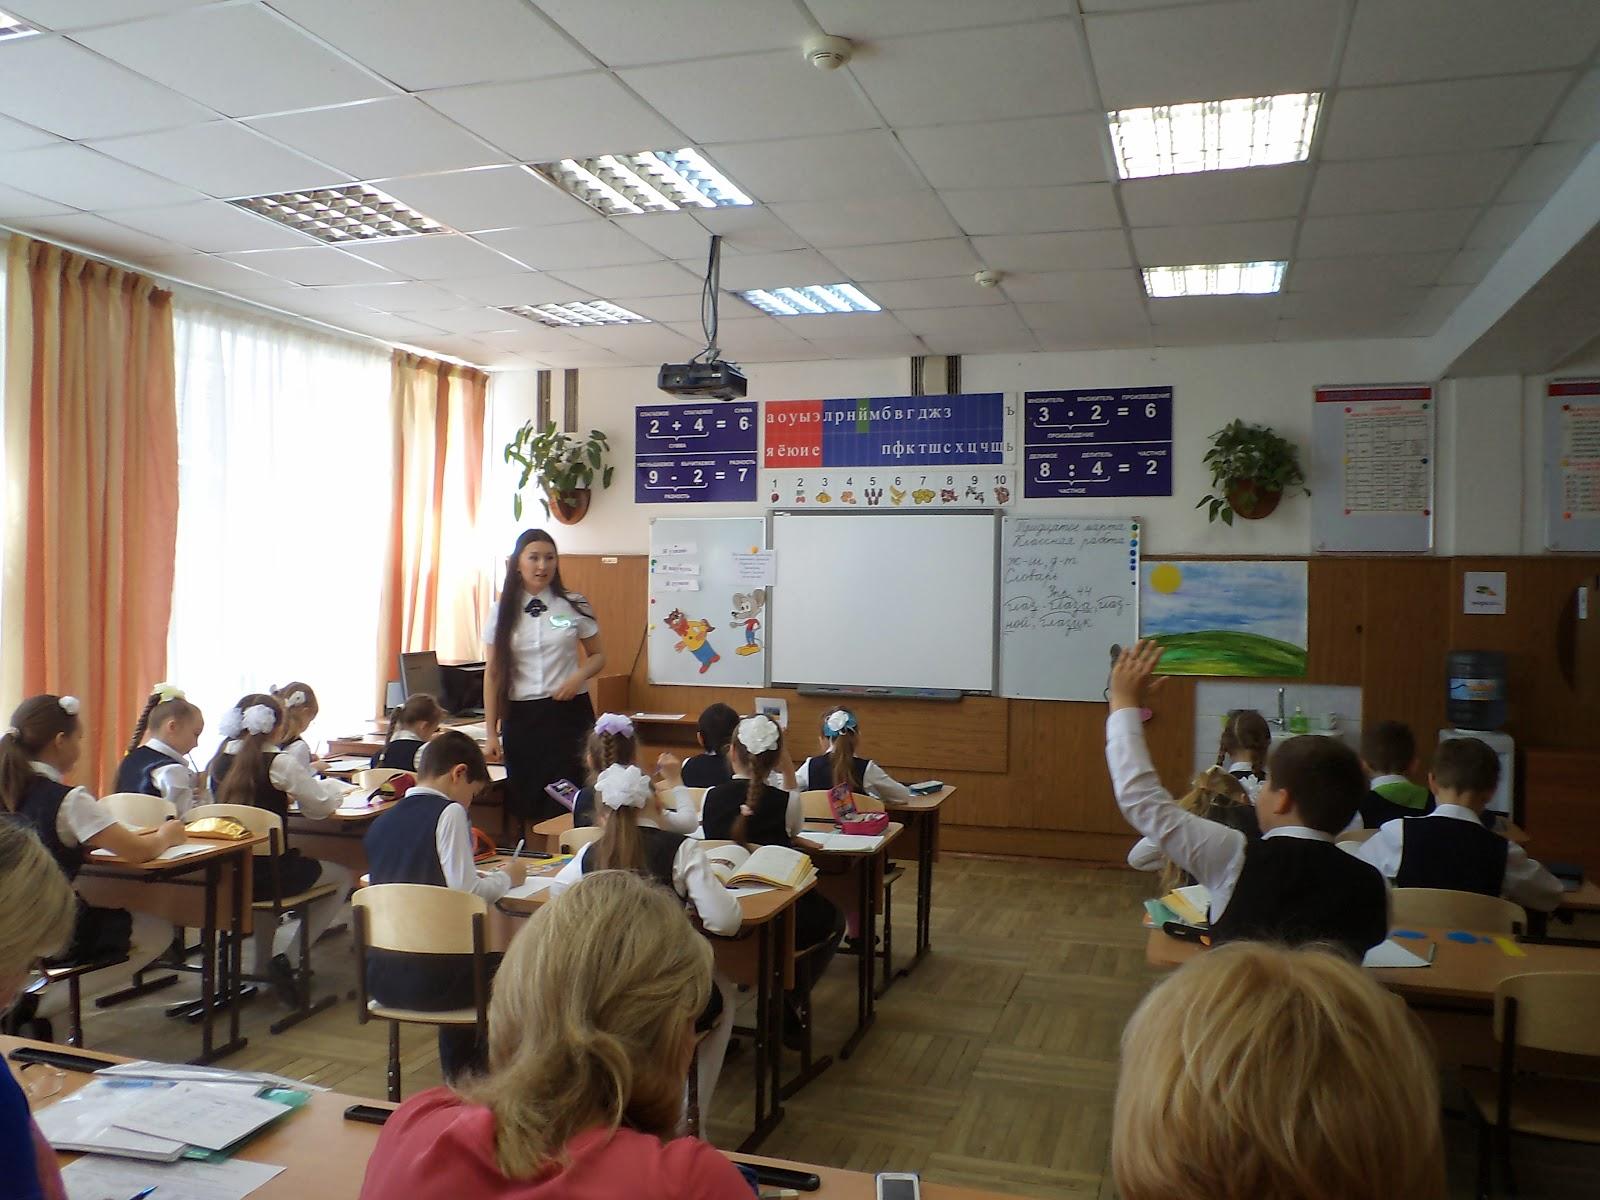 Учительница дала ученику после уроков 6 фотография